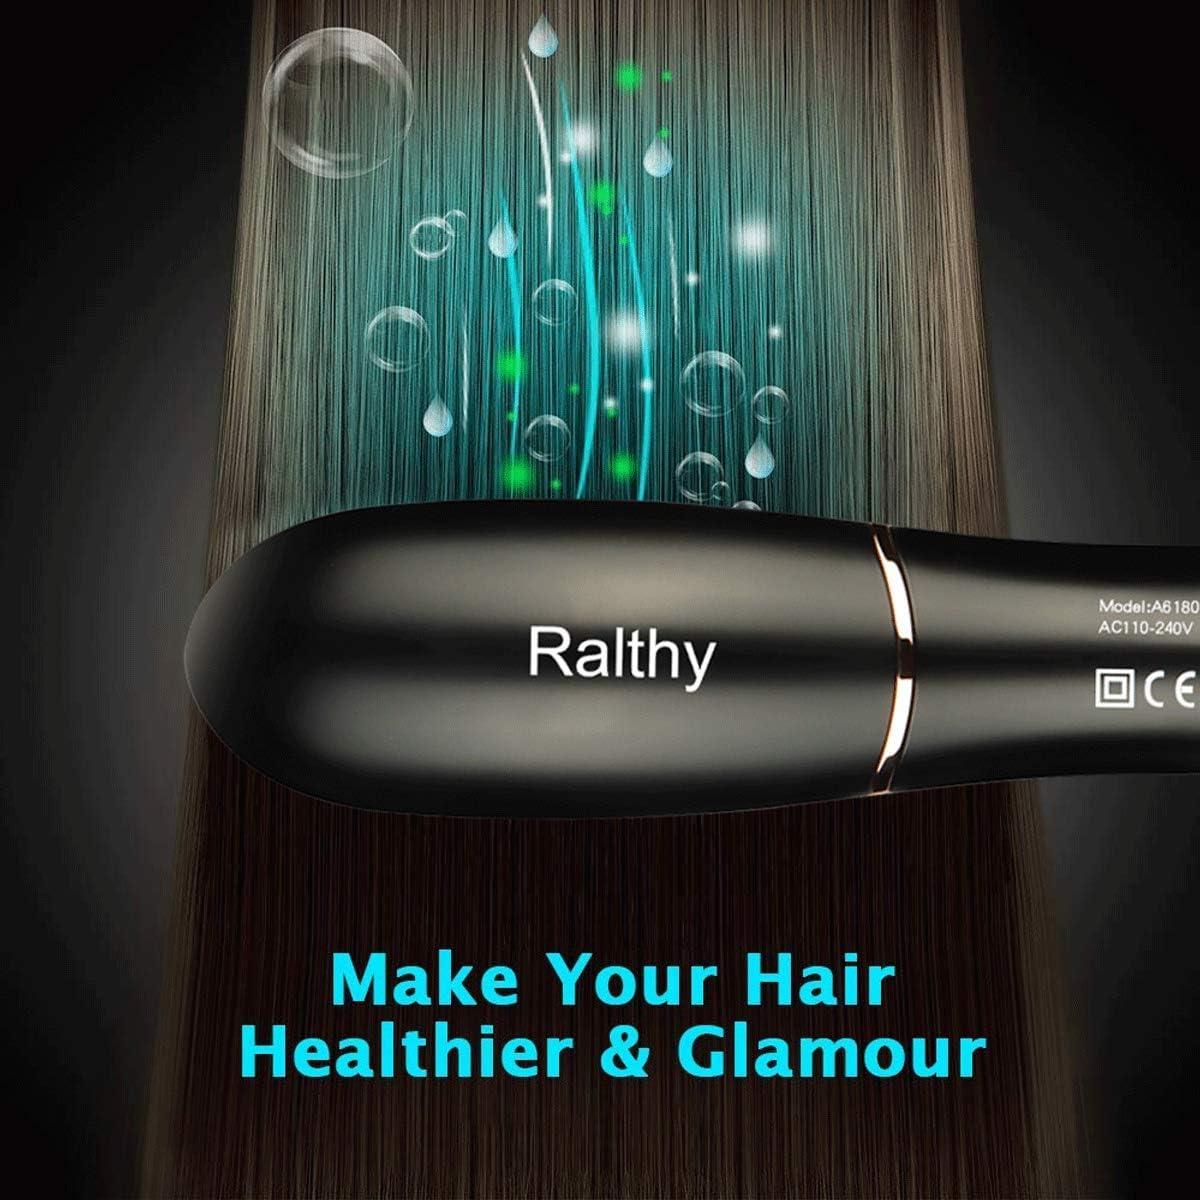 Cepillo alisador de cabello Ralthy Ionic, cepillo alisador de ...